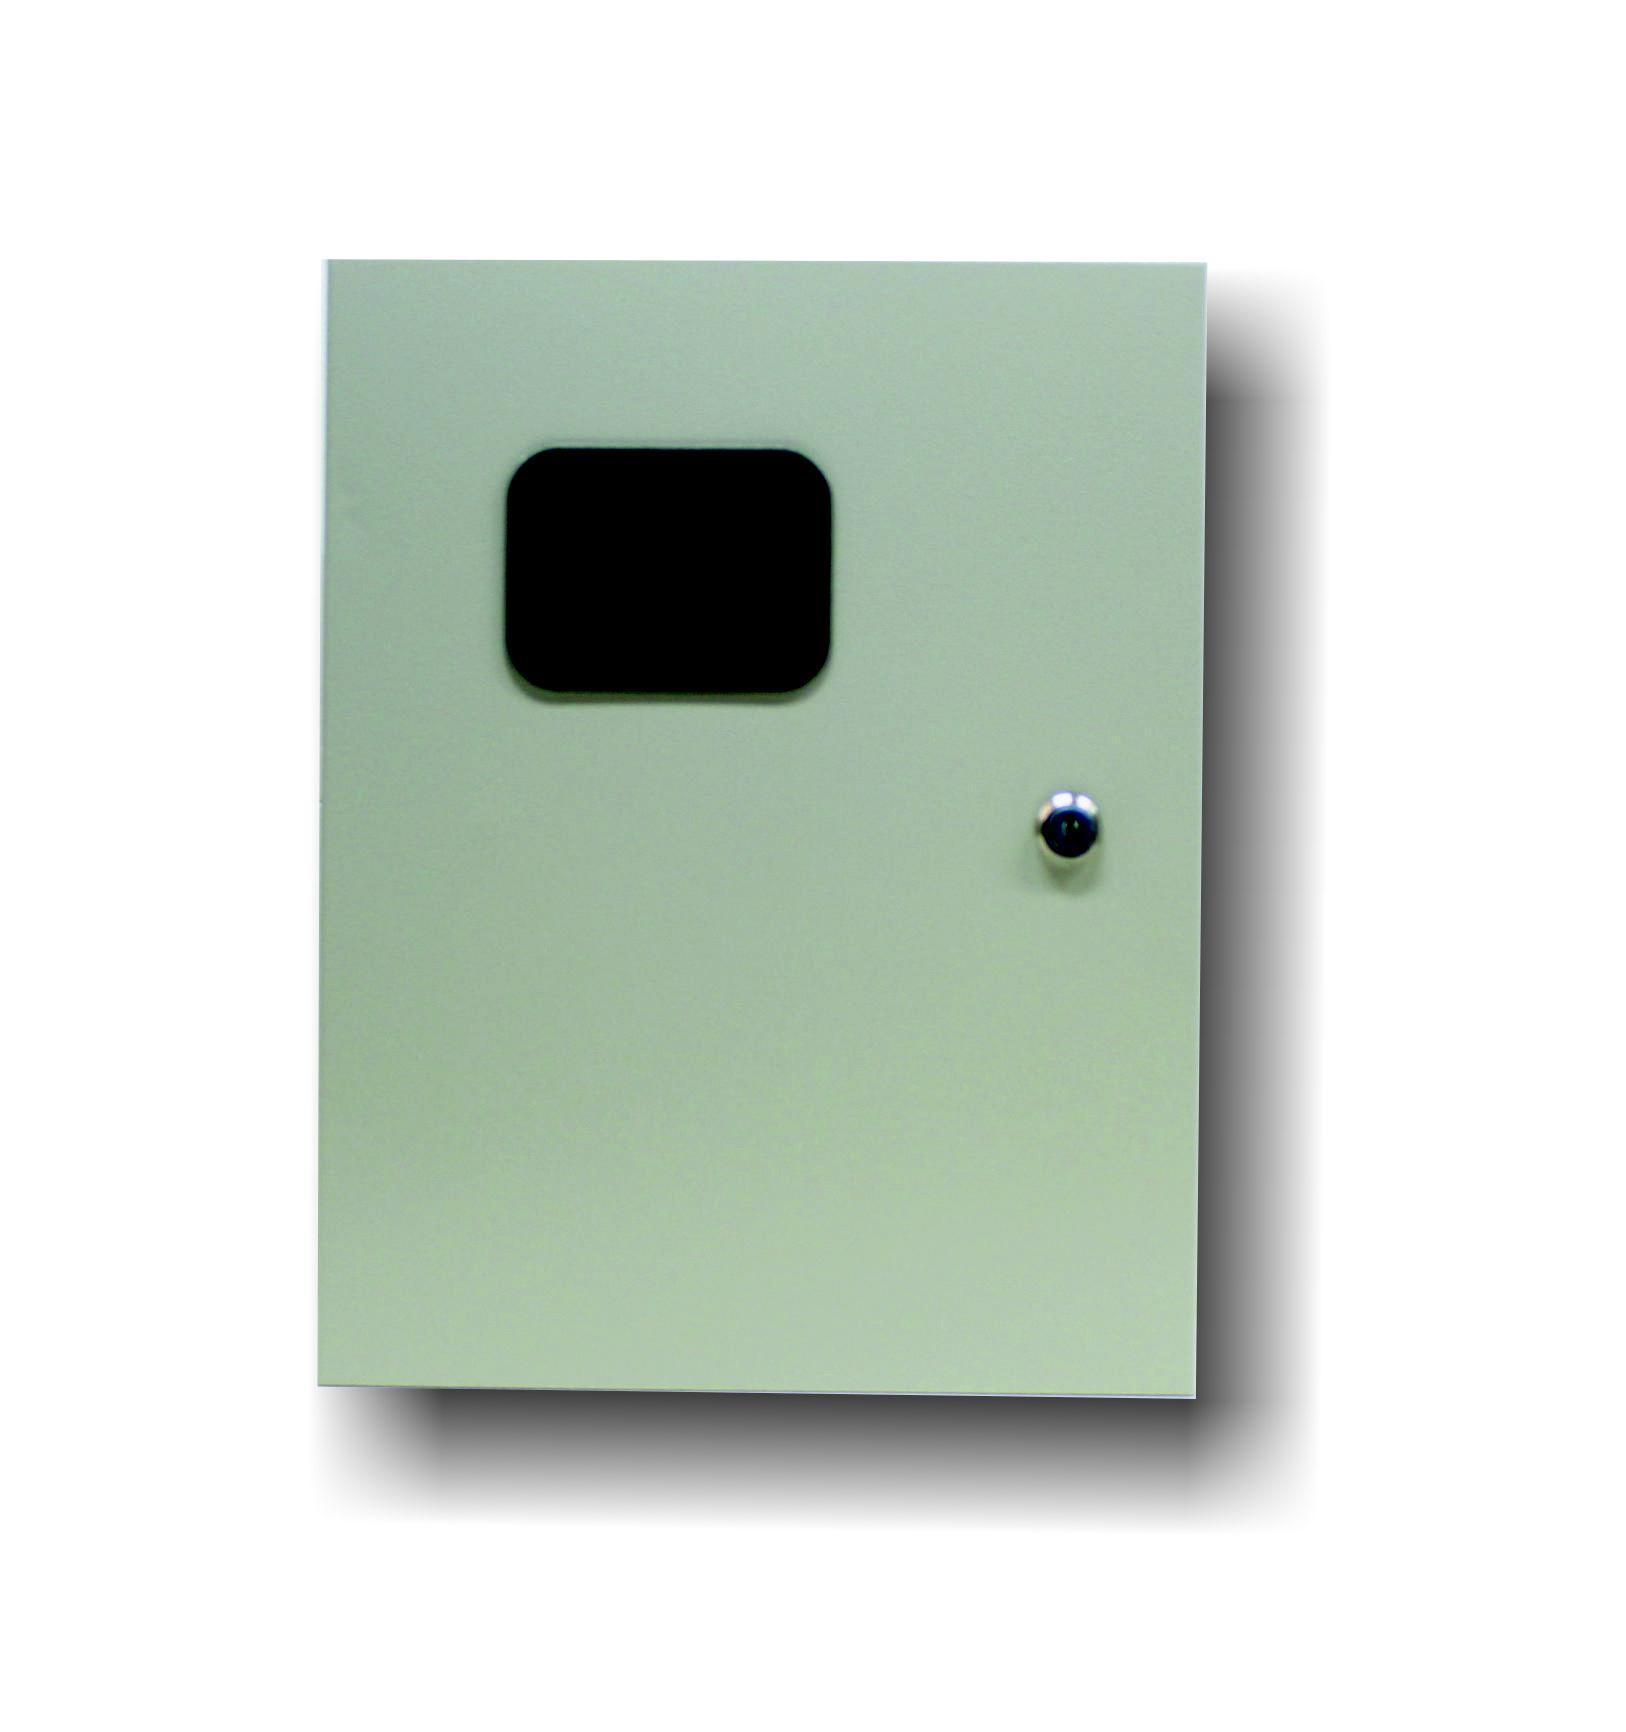 Корпус ЭЛЕКТРОСТАНДАРТ ЩУРн-3/12 щиток навесной щурн для 12 модулей и под 1ф счетчик металлический ip31